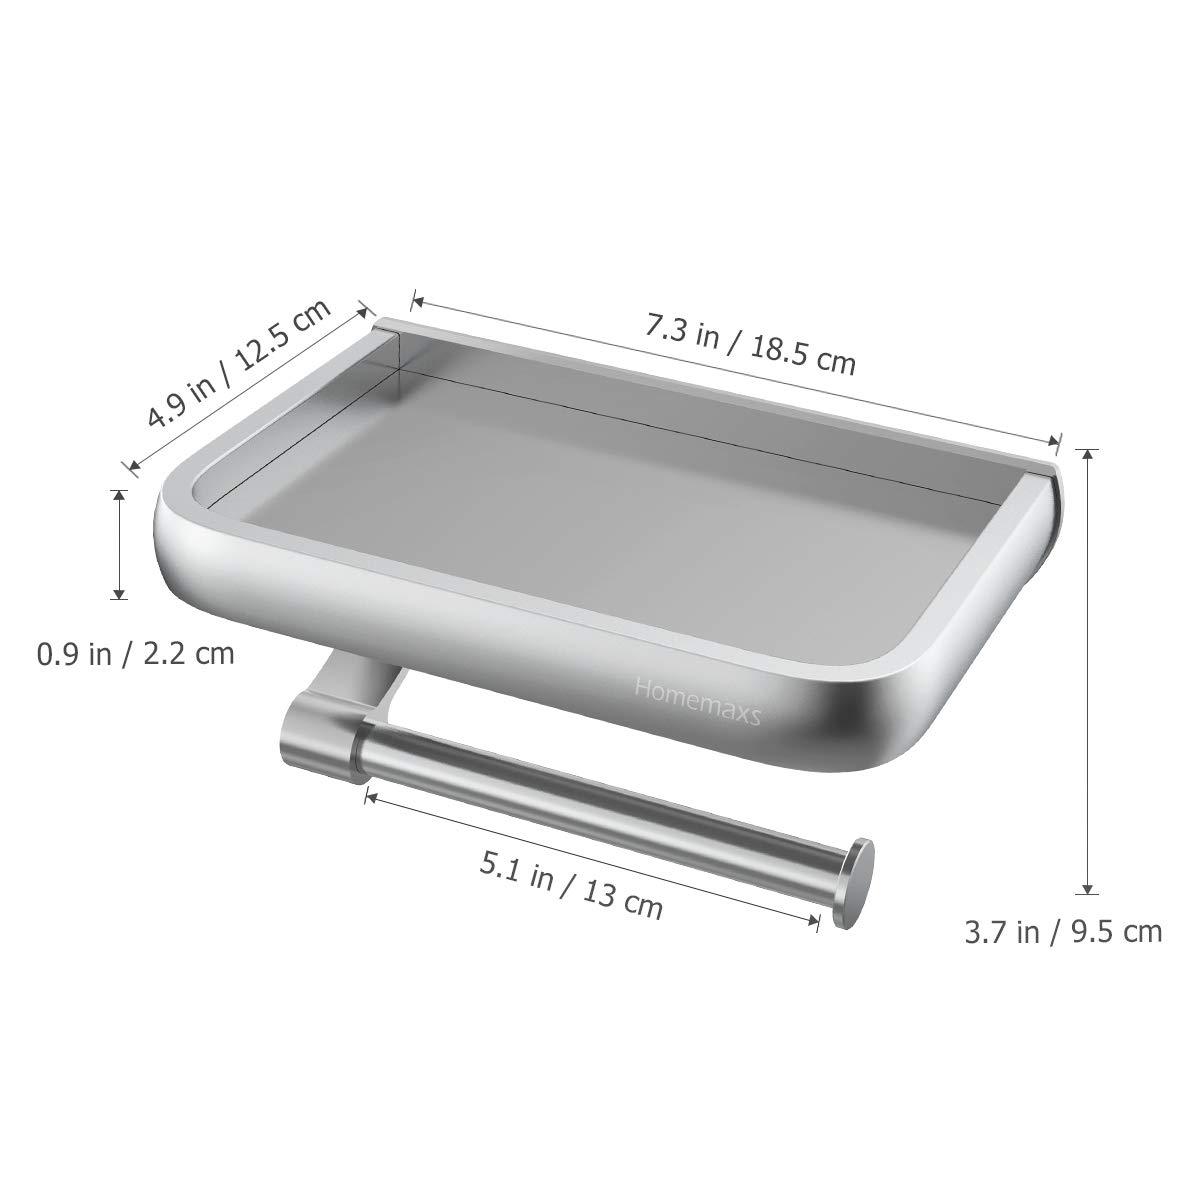 HOMEMAXS Portarrollos Baño Higiénico Instalación de Tornillos- Porta Rollos  de Papel Higiénico de Aluminio Inoxidable con ... 4dc06e216f4e